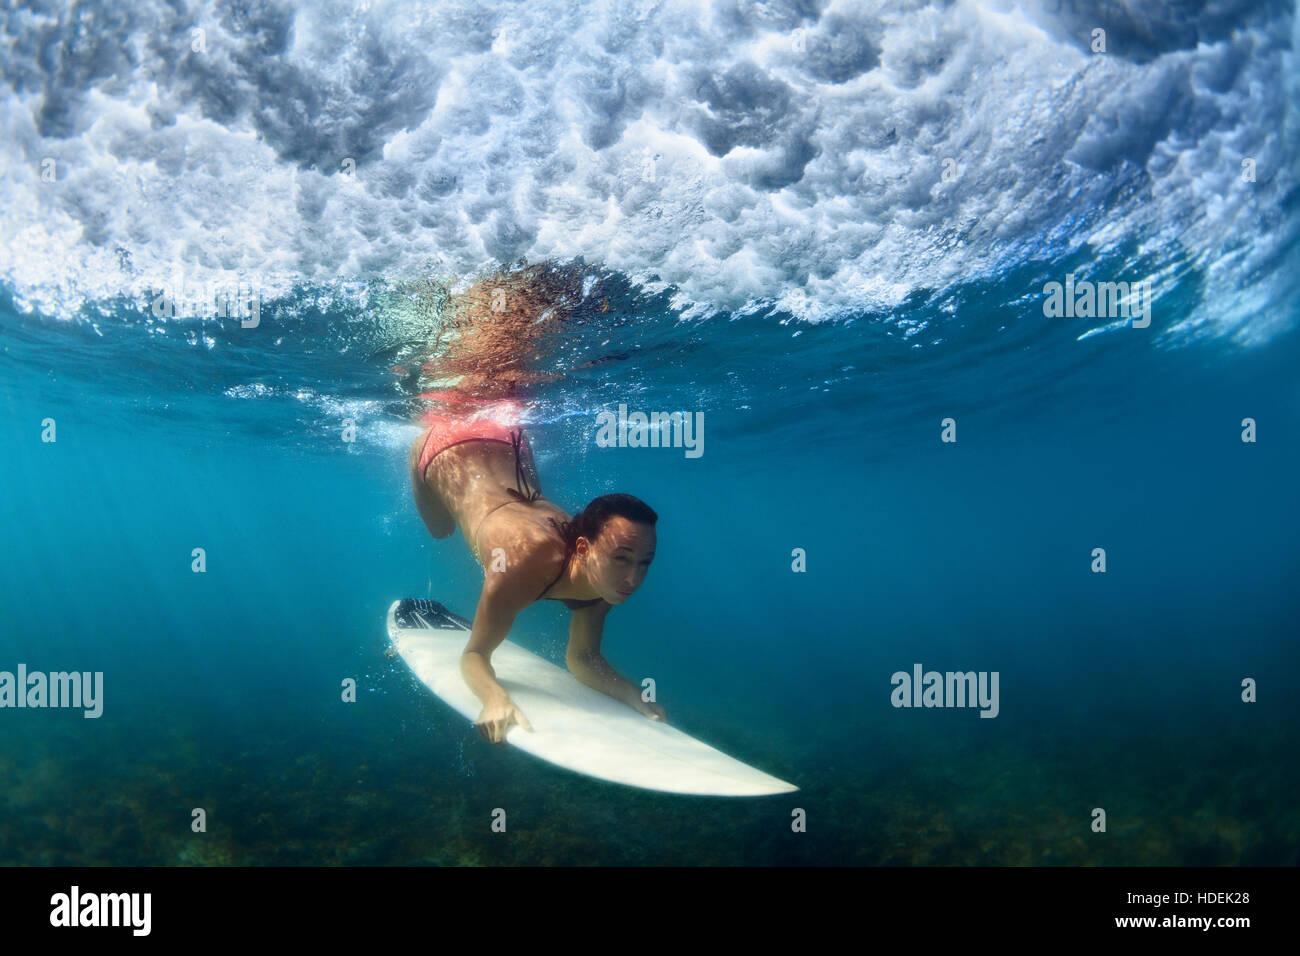 Ragazza in Bikini in azione il surf. Surfer con tavola da surf subacquea Immersioni sotto la rottura delle onde Immagini Stock